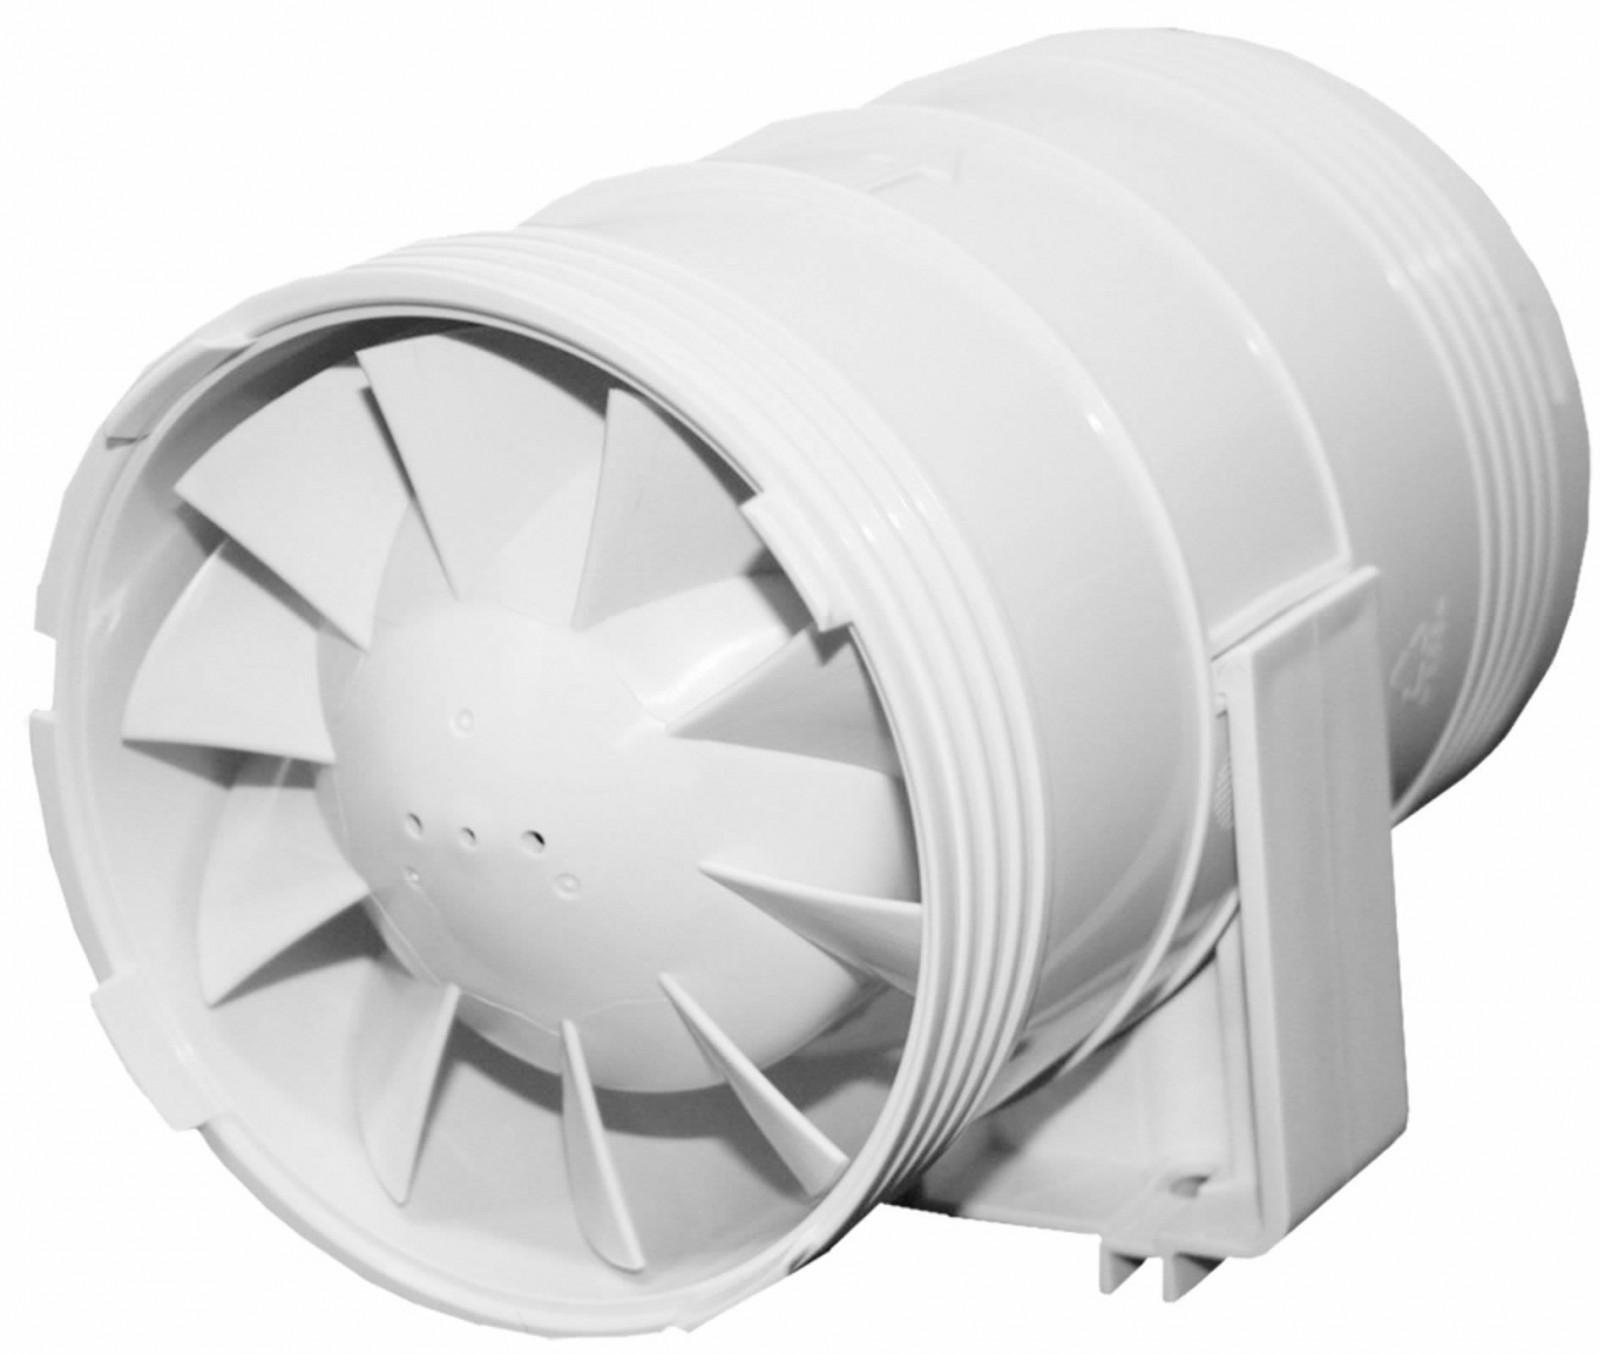 Marley small room fan / bathroom fan P10 MP 100 E up to 110 m³/